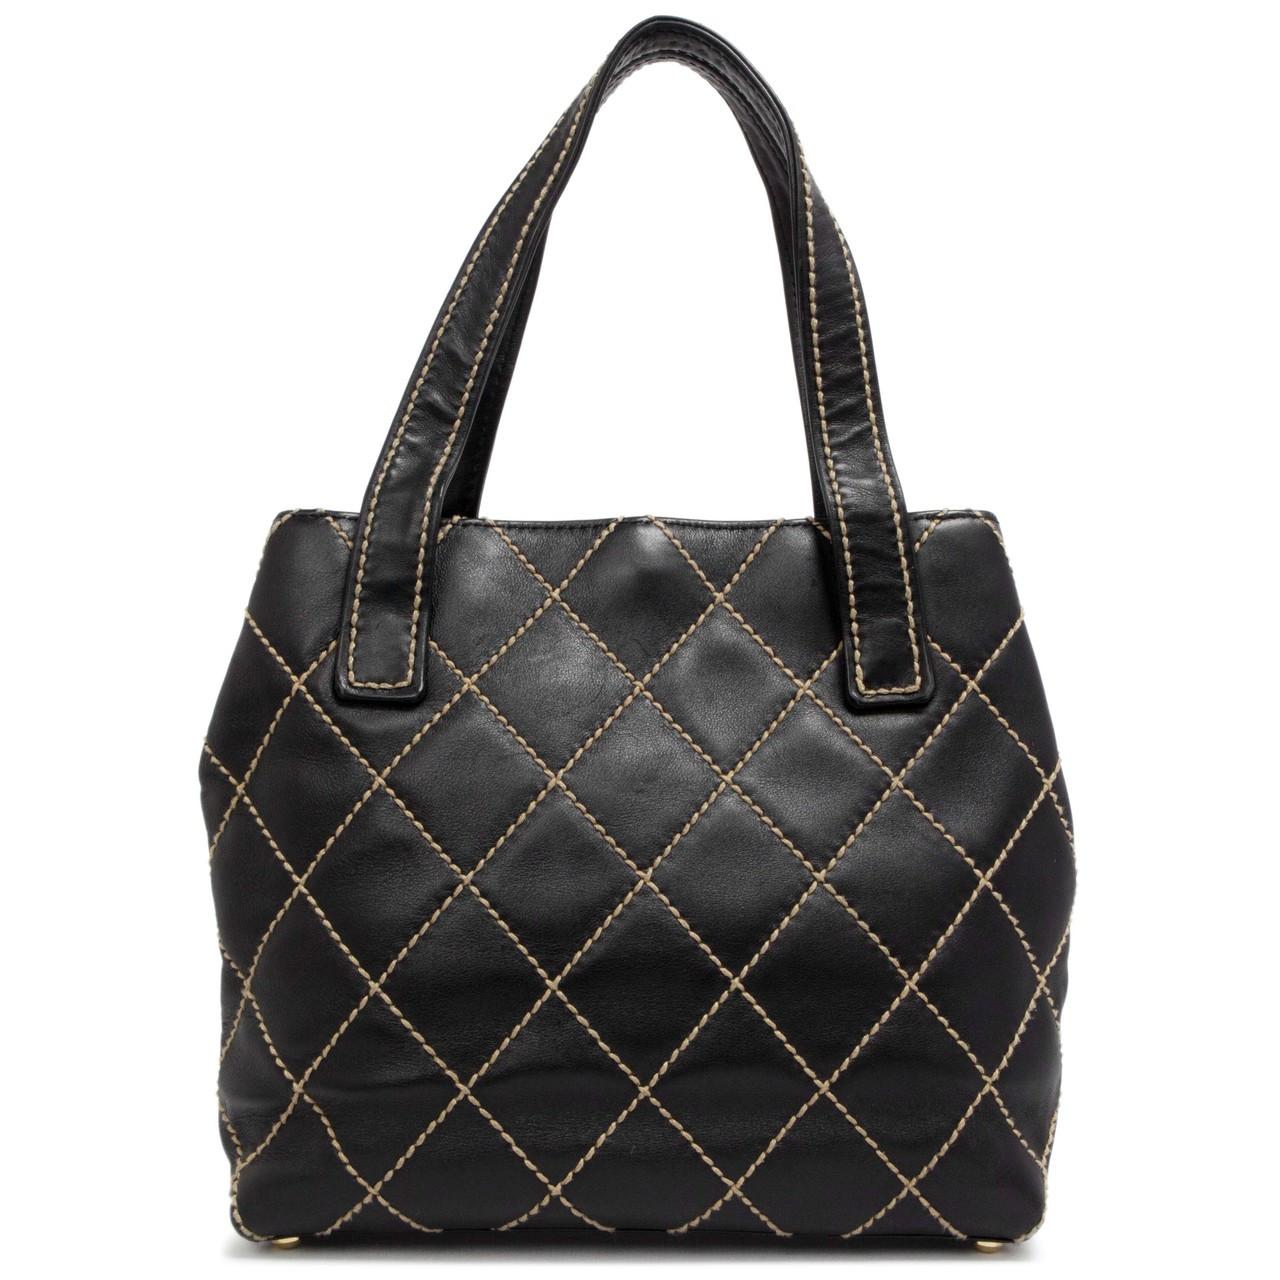 7894b1a98f54 Chanel Black Calfskin Wild Stitch Small Tote - modaselle